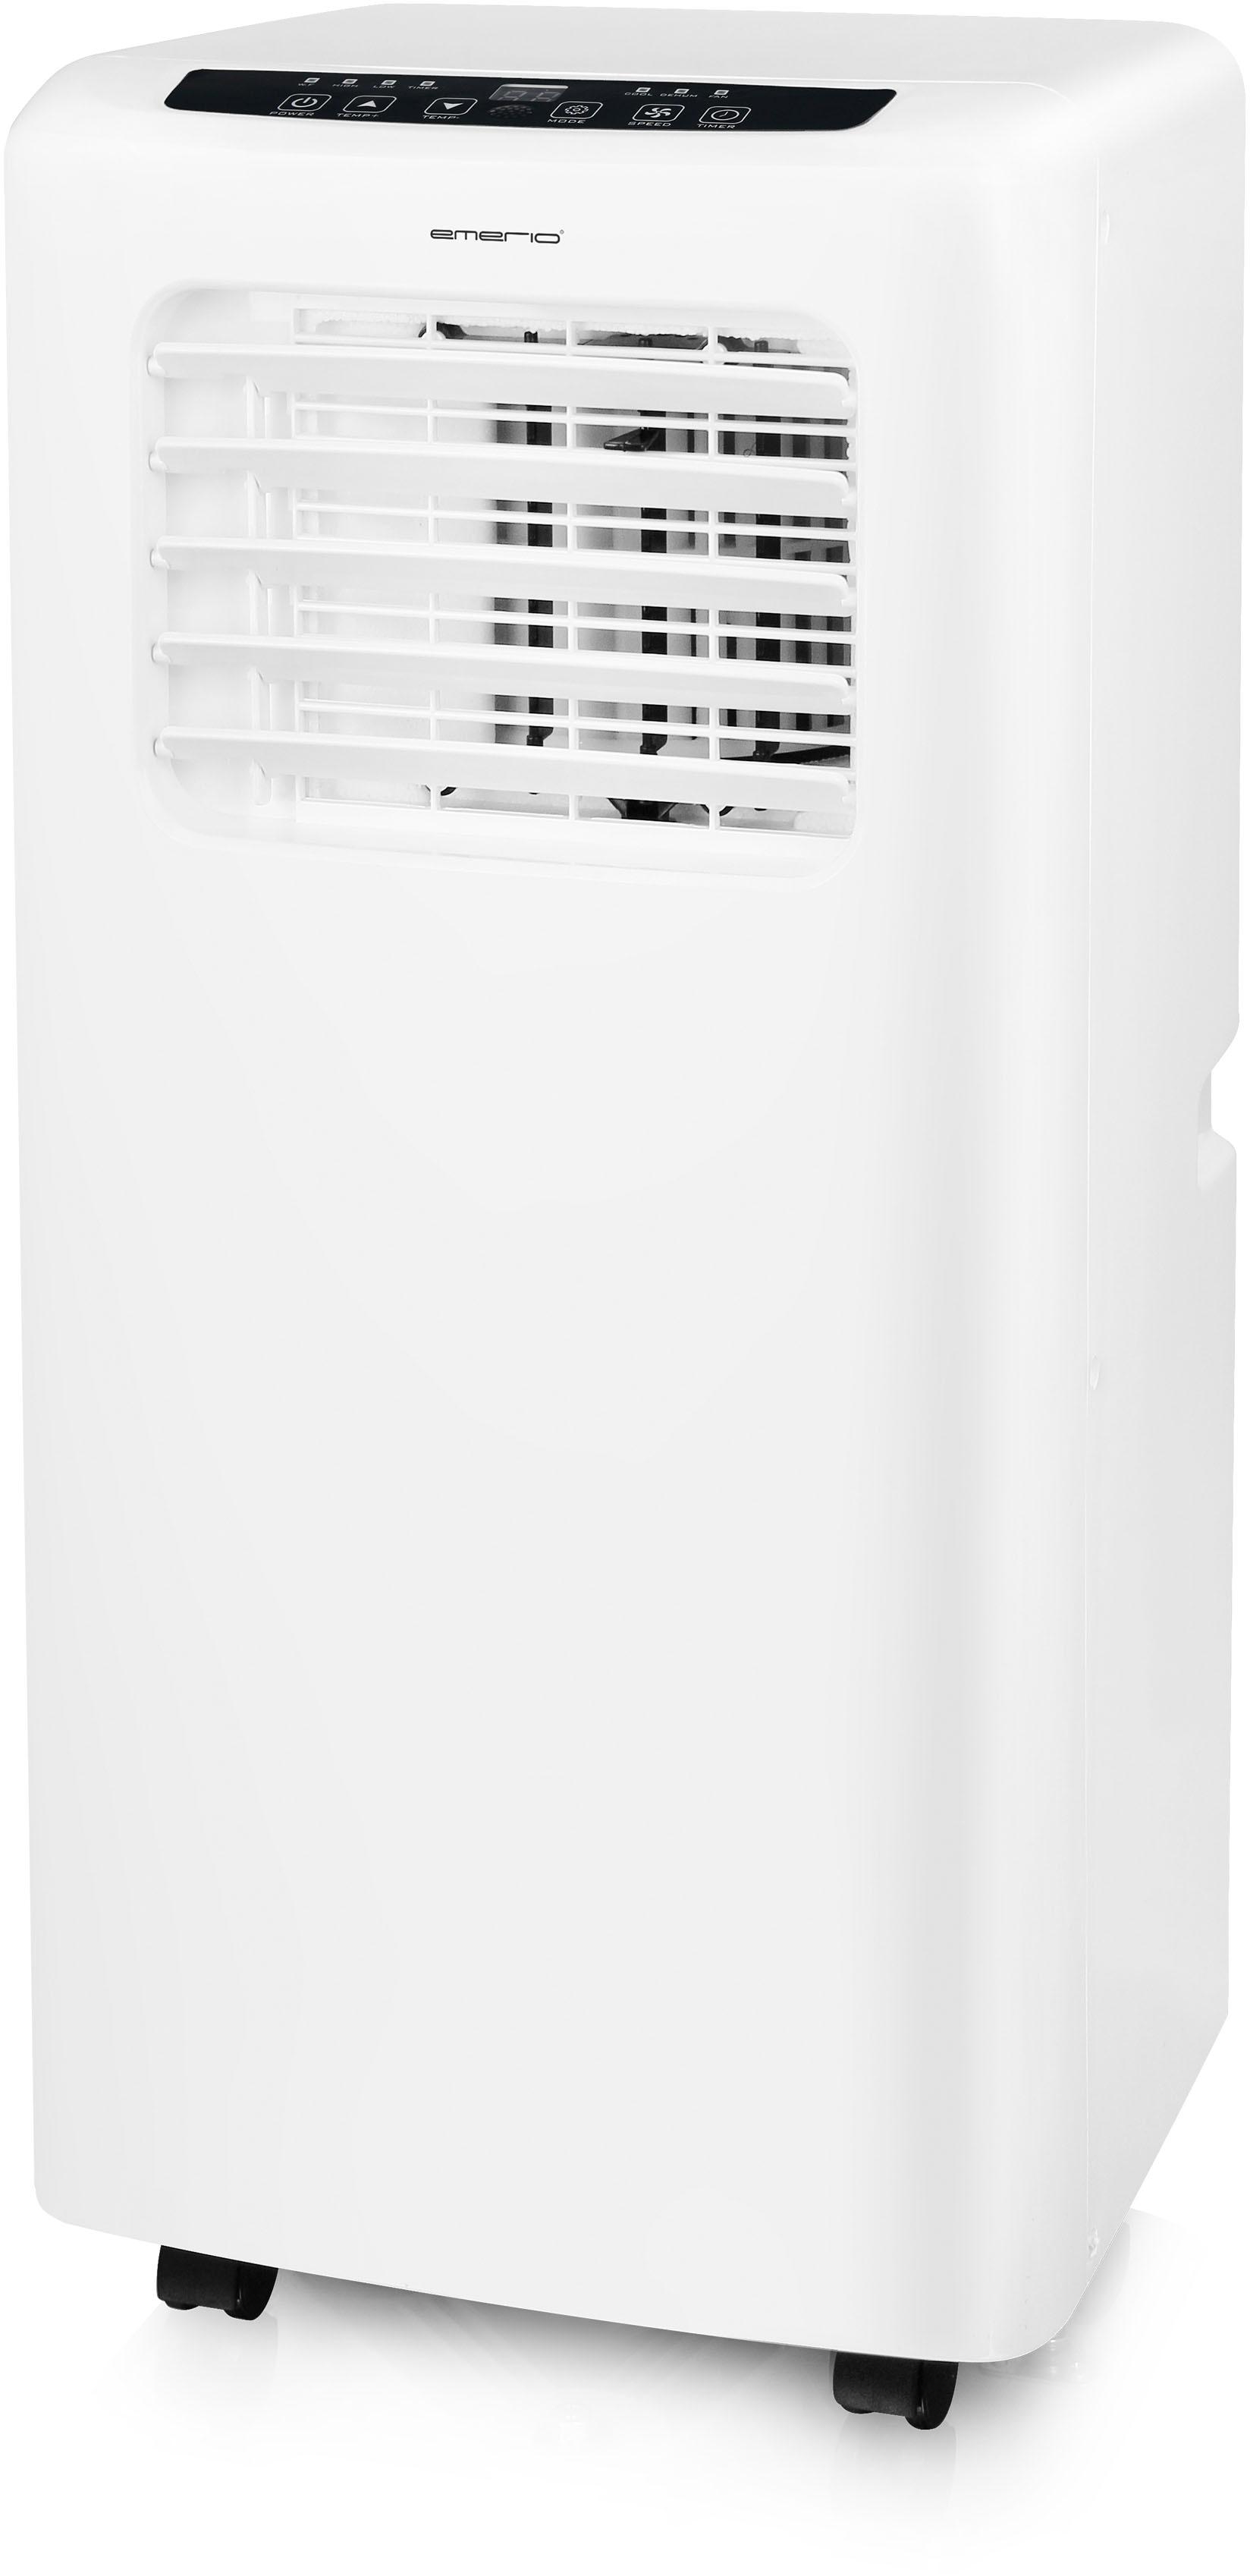 Emerio 3-in-1-Klimagerät PAC-122838 EEK A weiß Klimageräte Klimageräte, Ventilatoren Wetterstationen Haushaltsgeräte Klimagerät